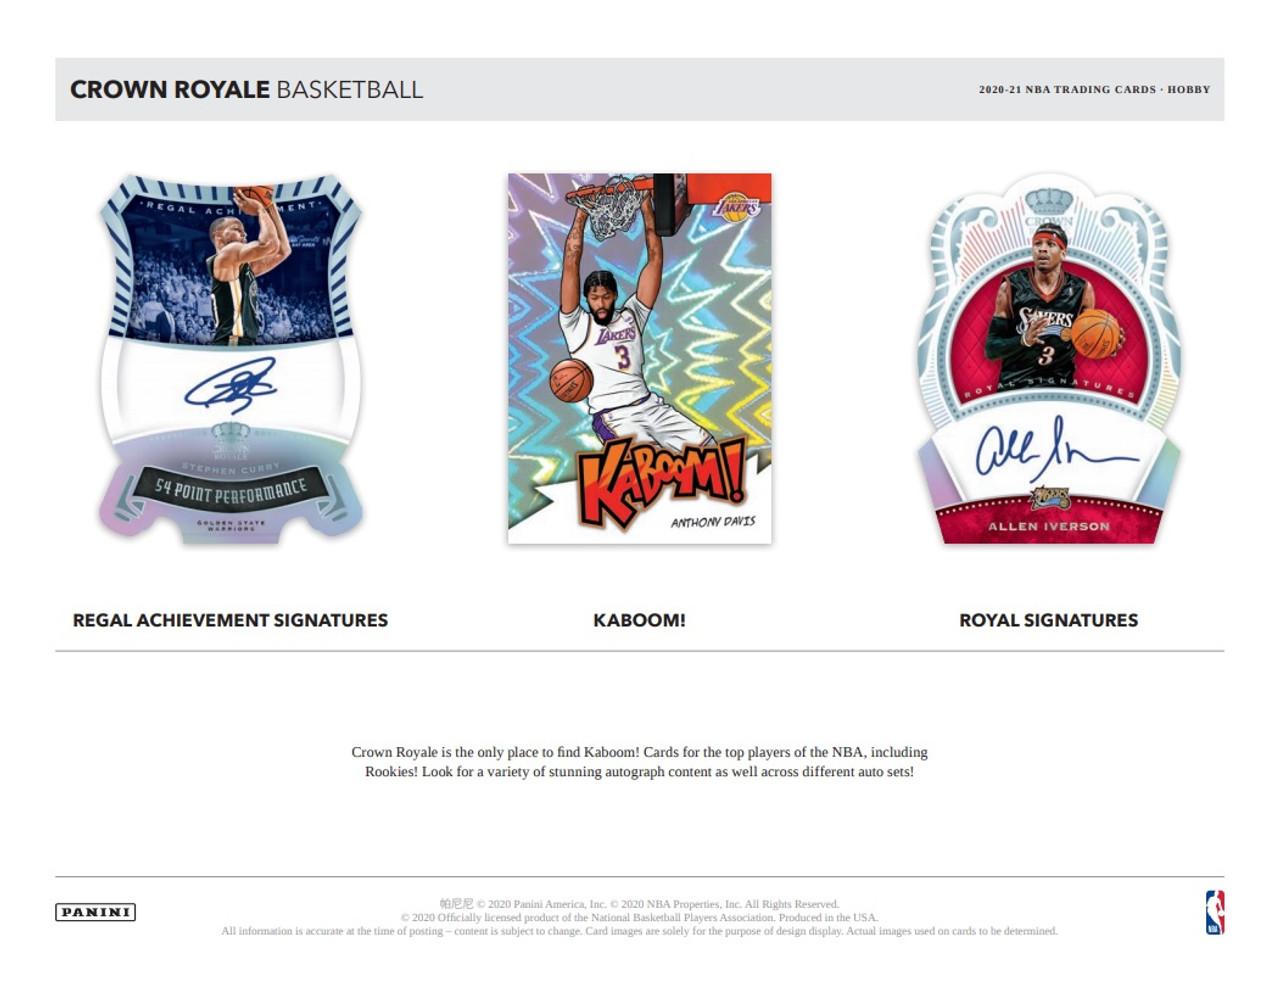 2020/21 Panini Crown Royale Basketball Hobby Box